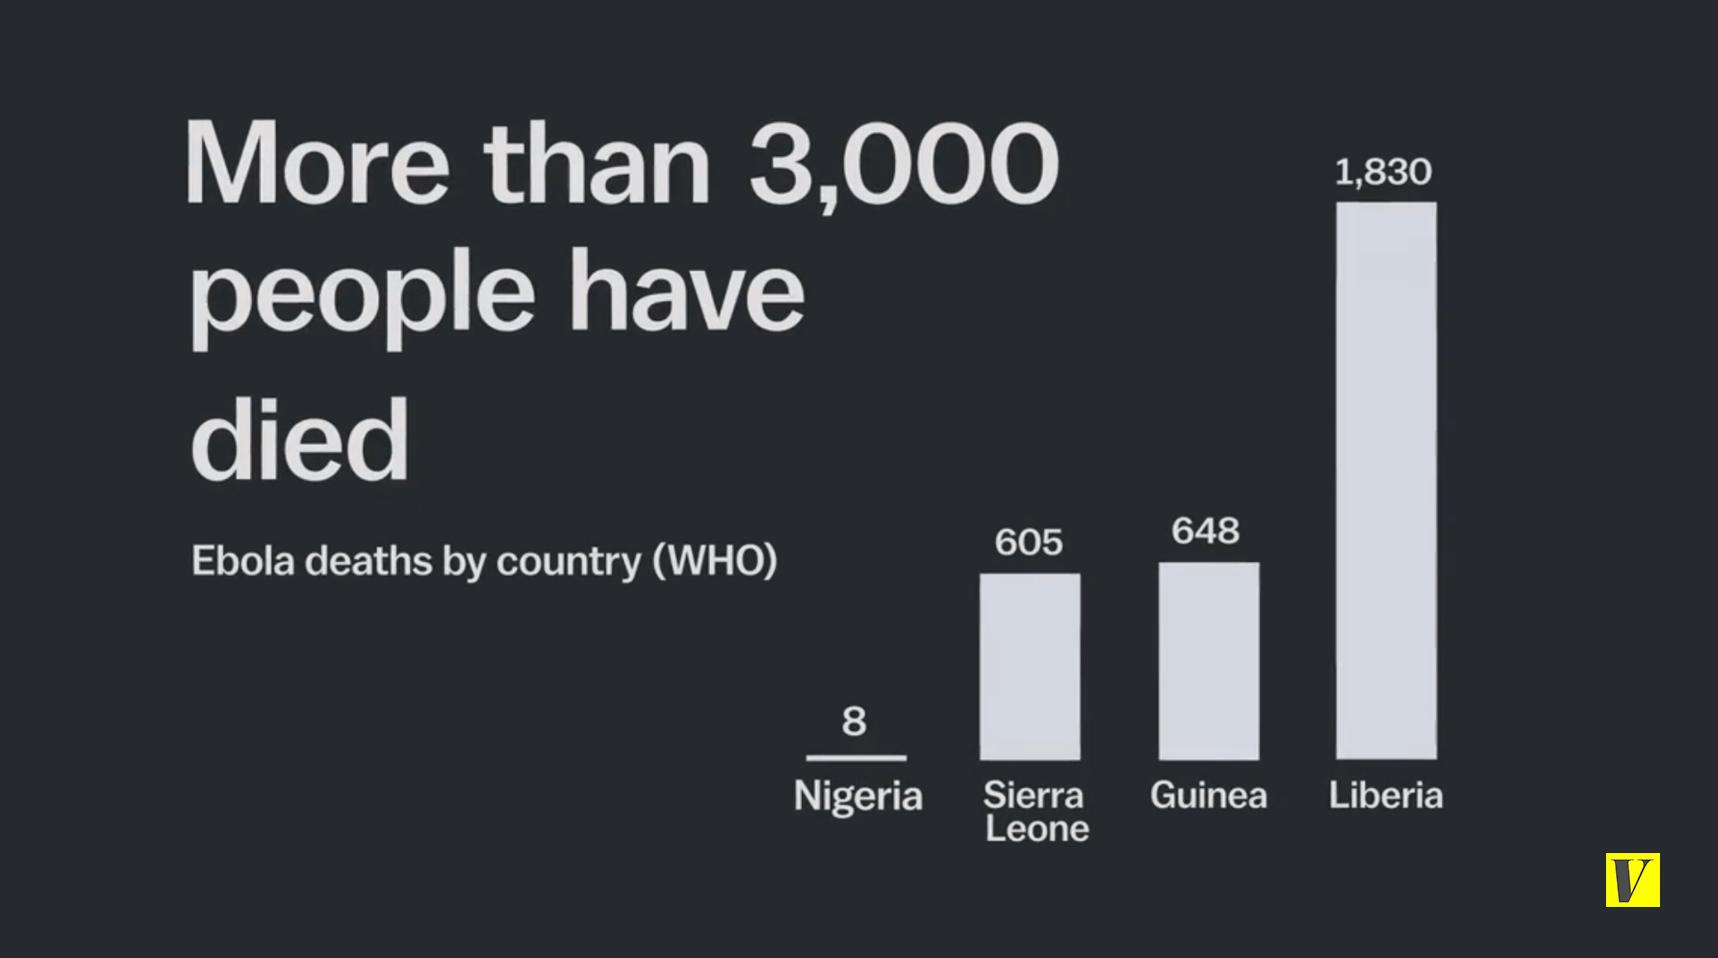 Ebola deaths, 2014 outbreak